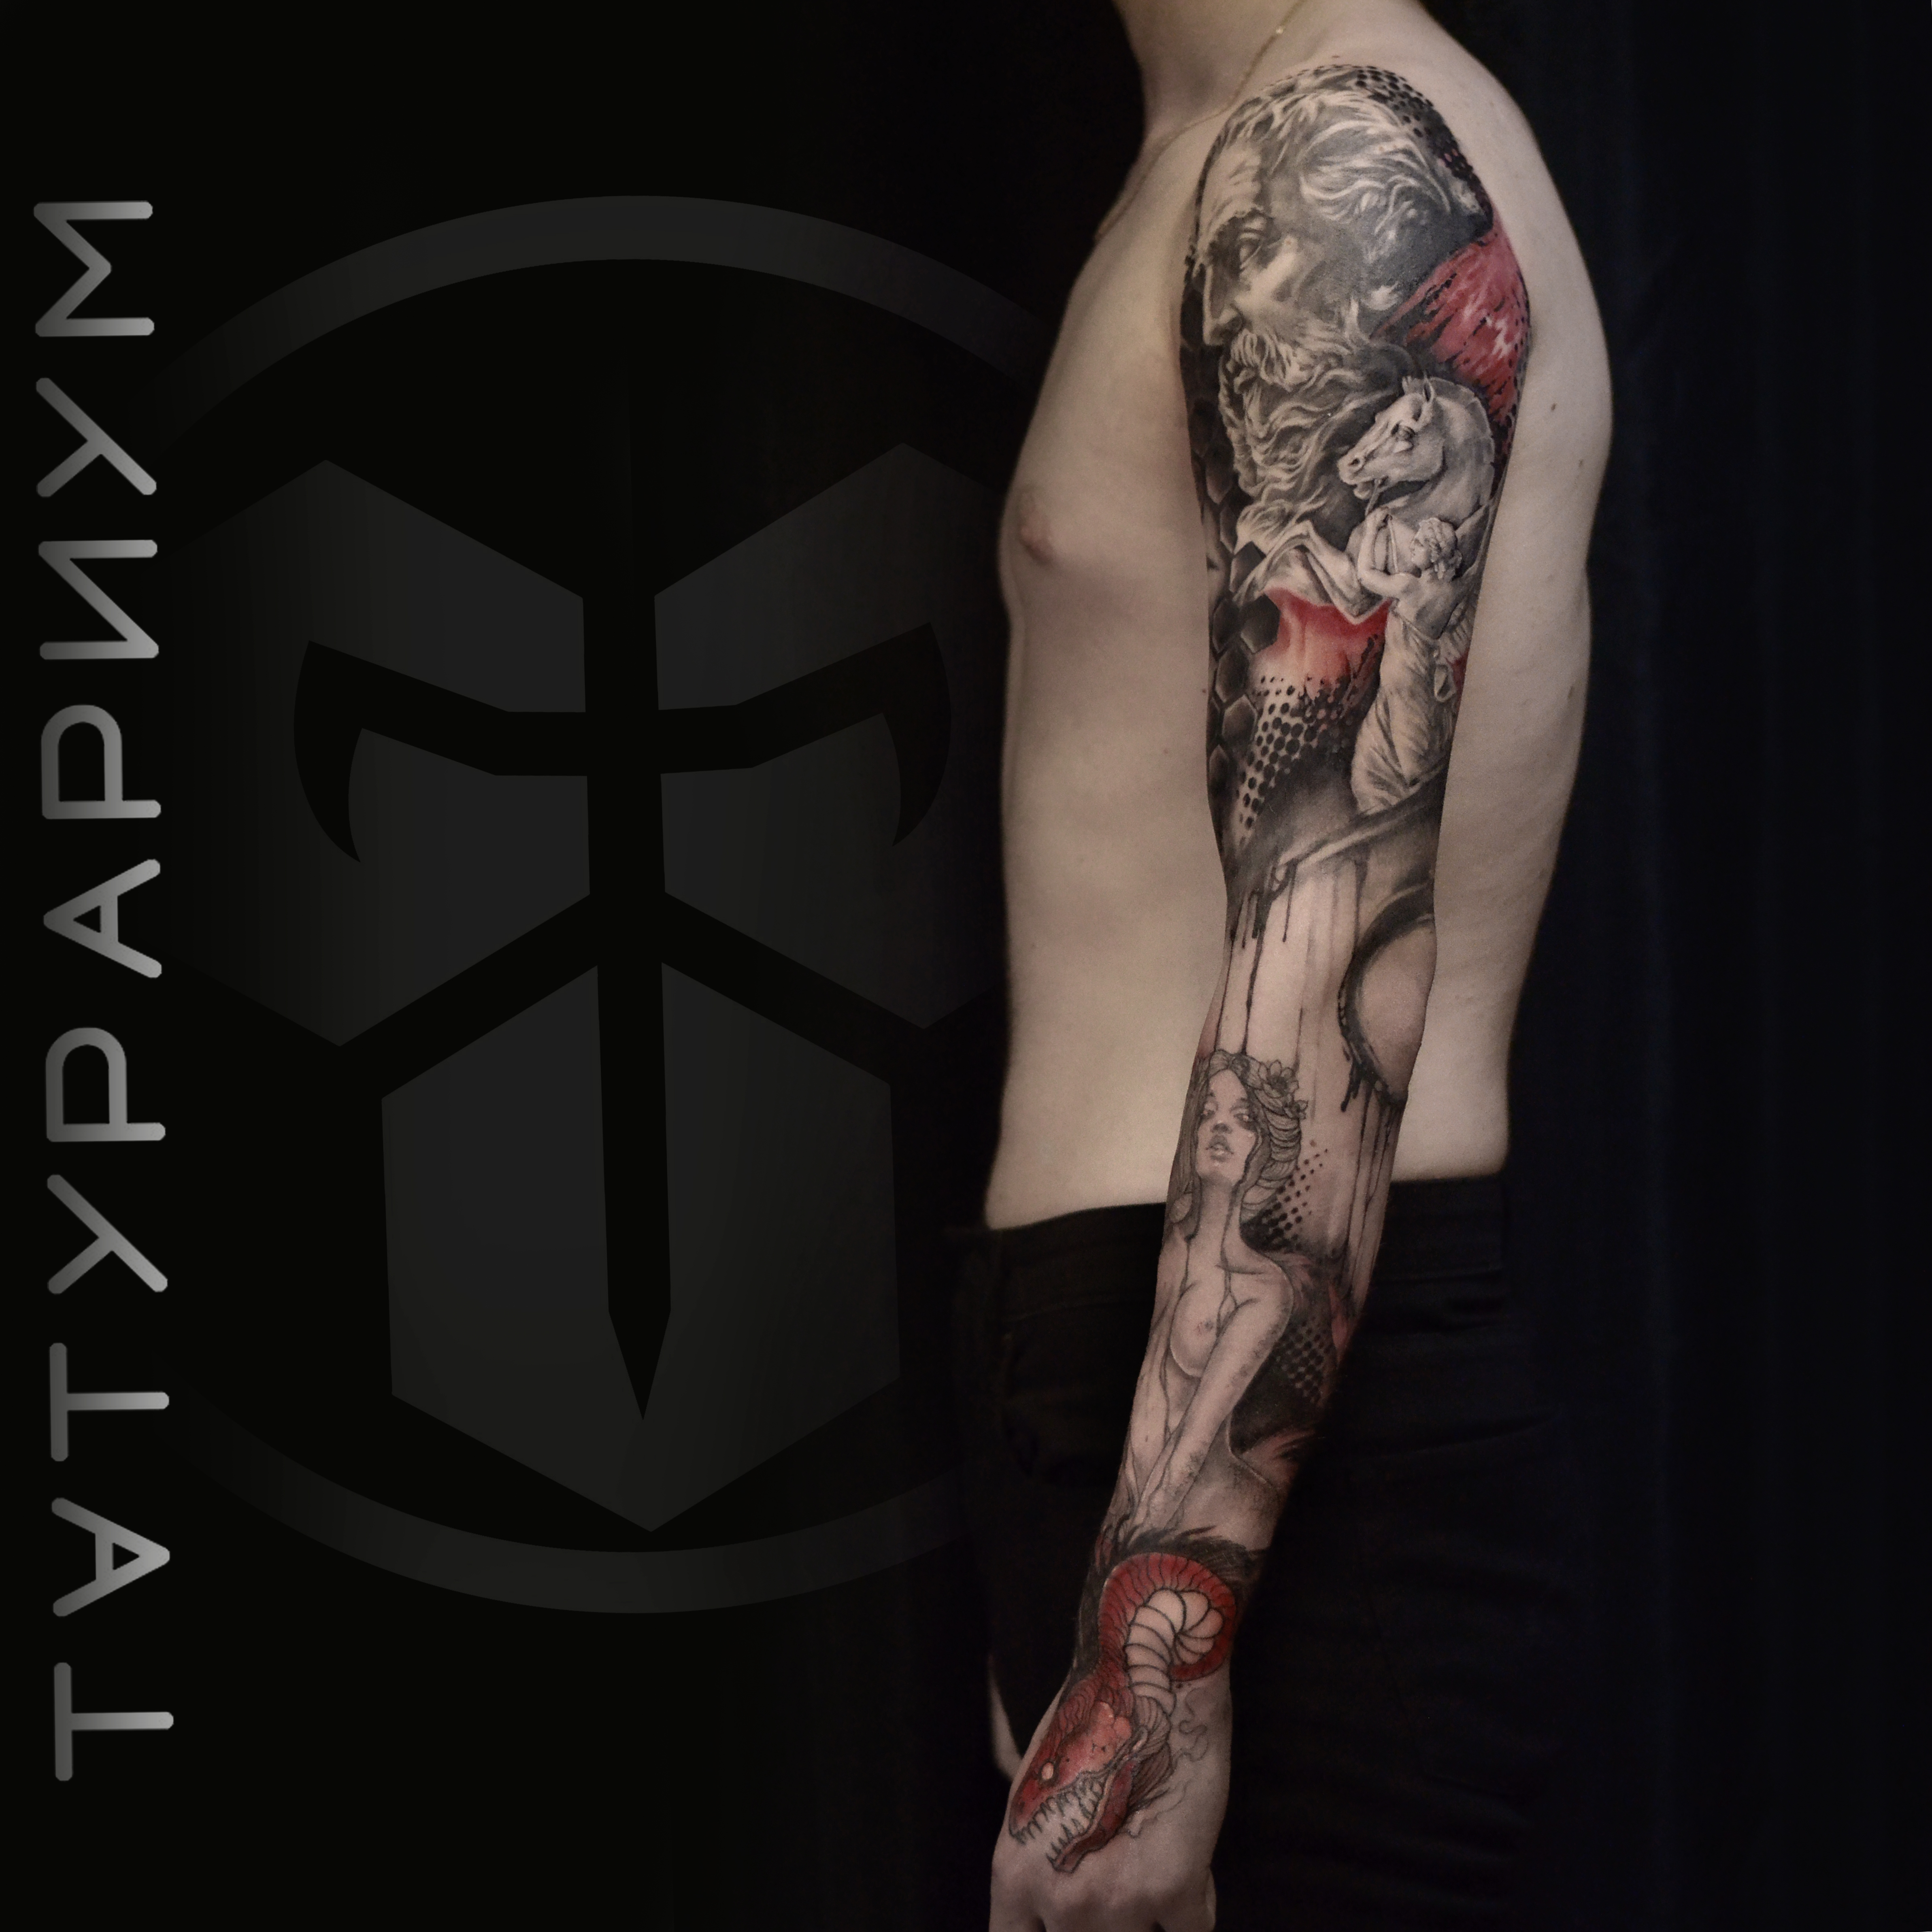 Фото татуировки, рукав в стиле трешпольк